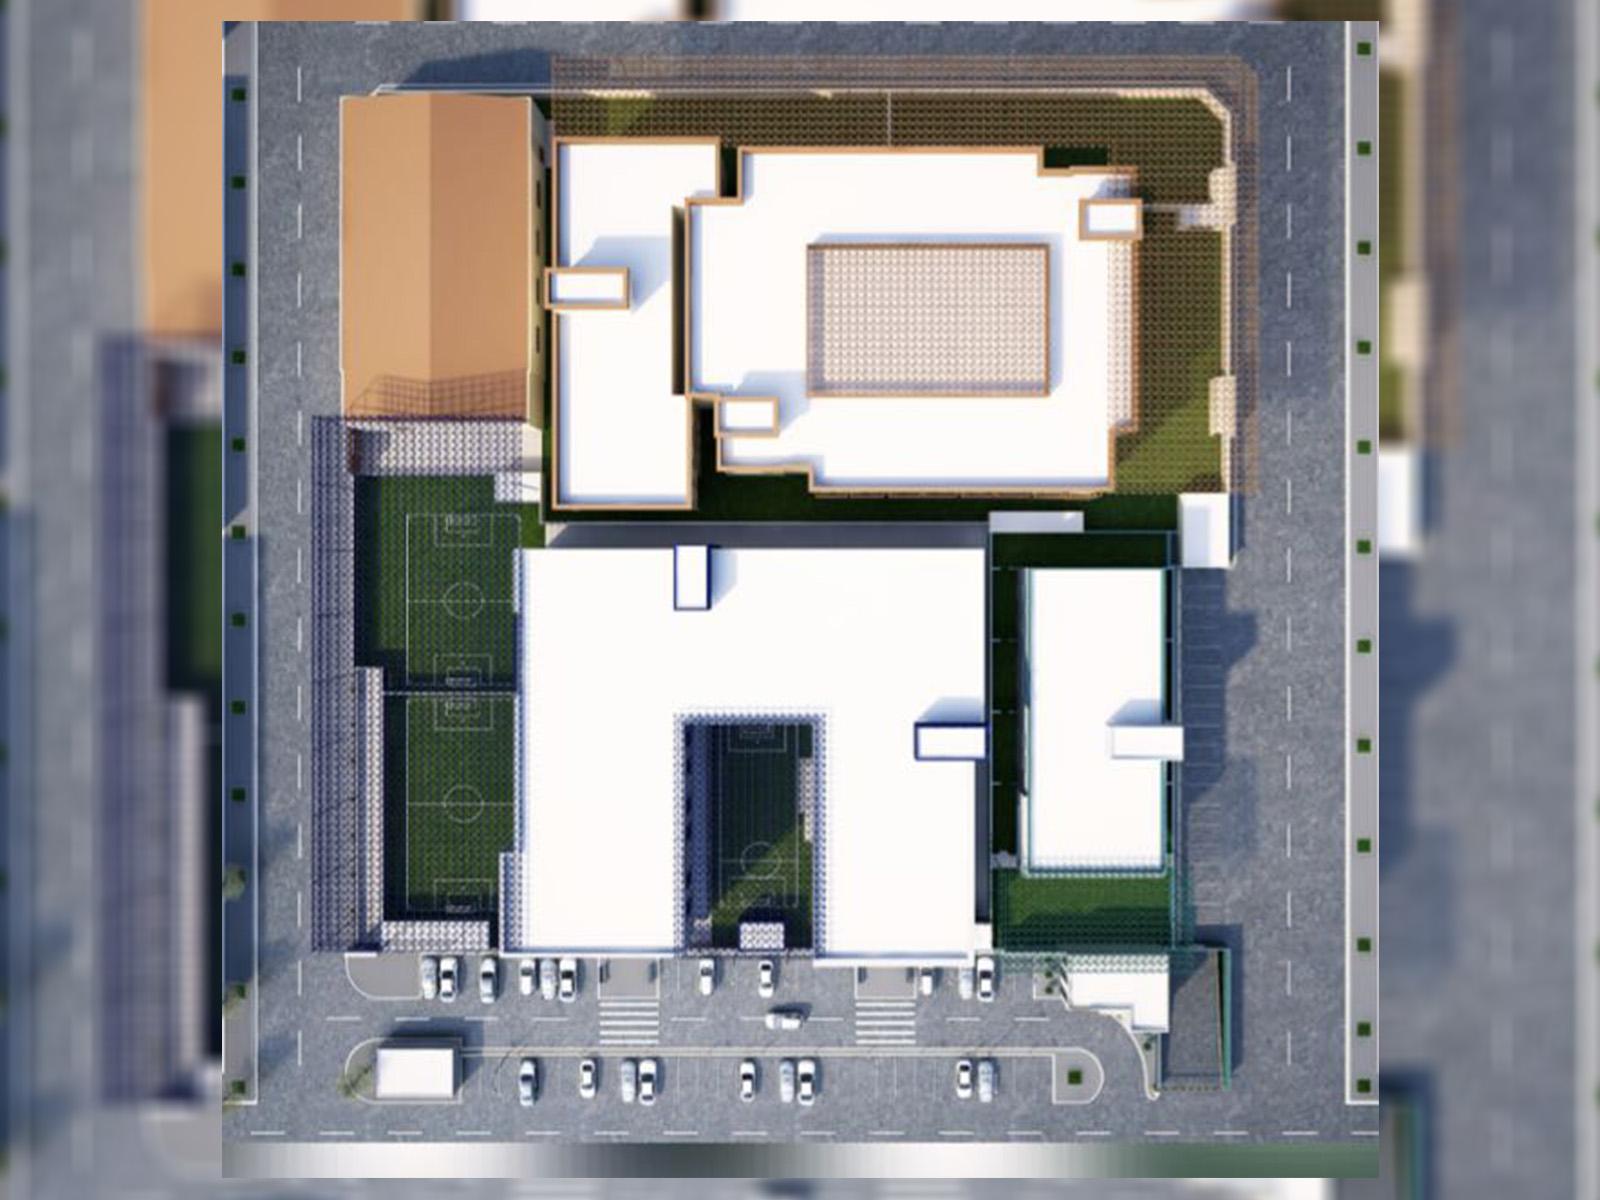 مدارس الورود الصورة الرئيسية - المشاريع